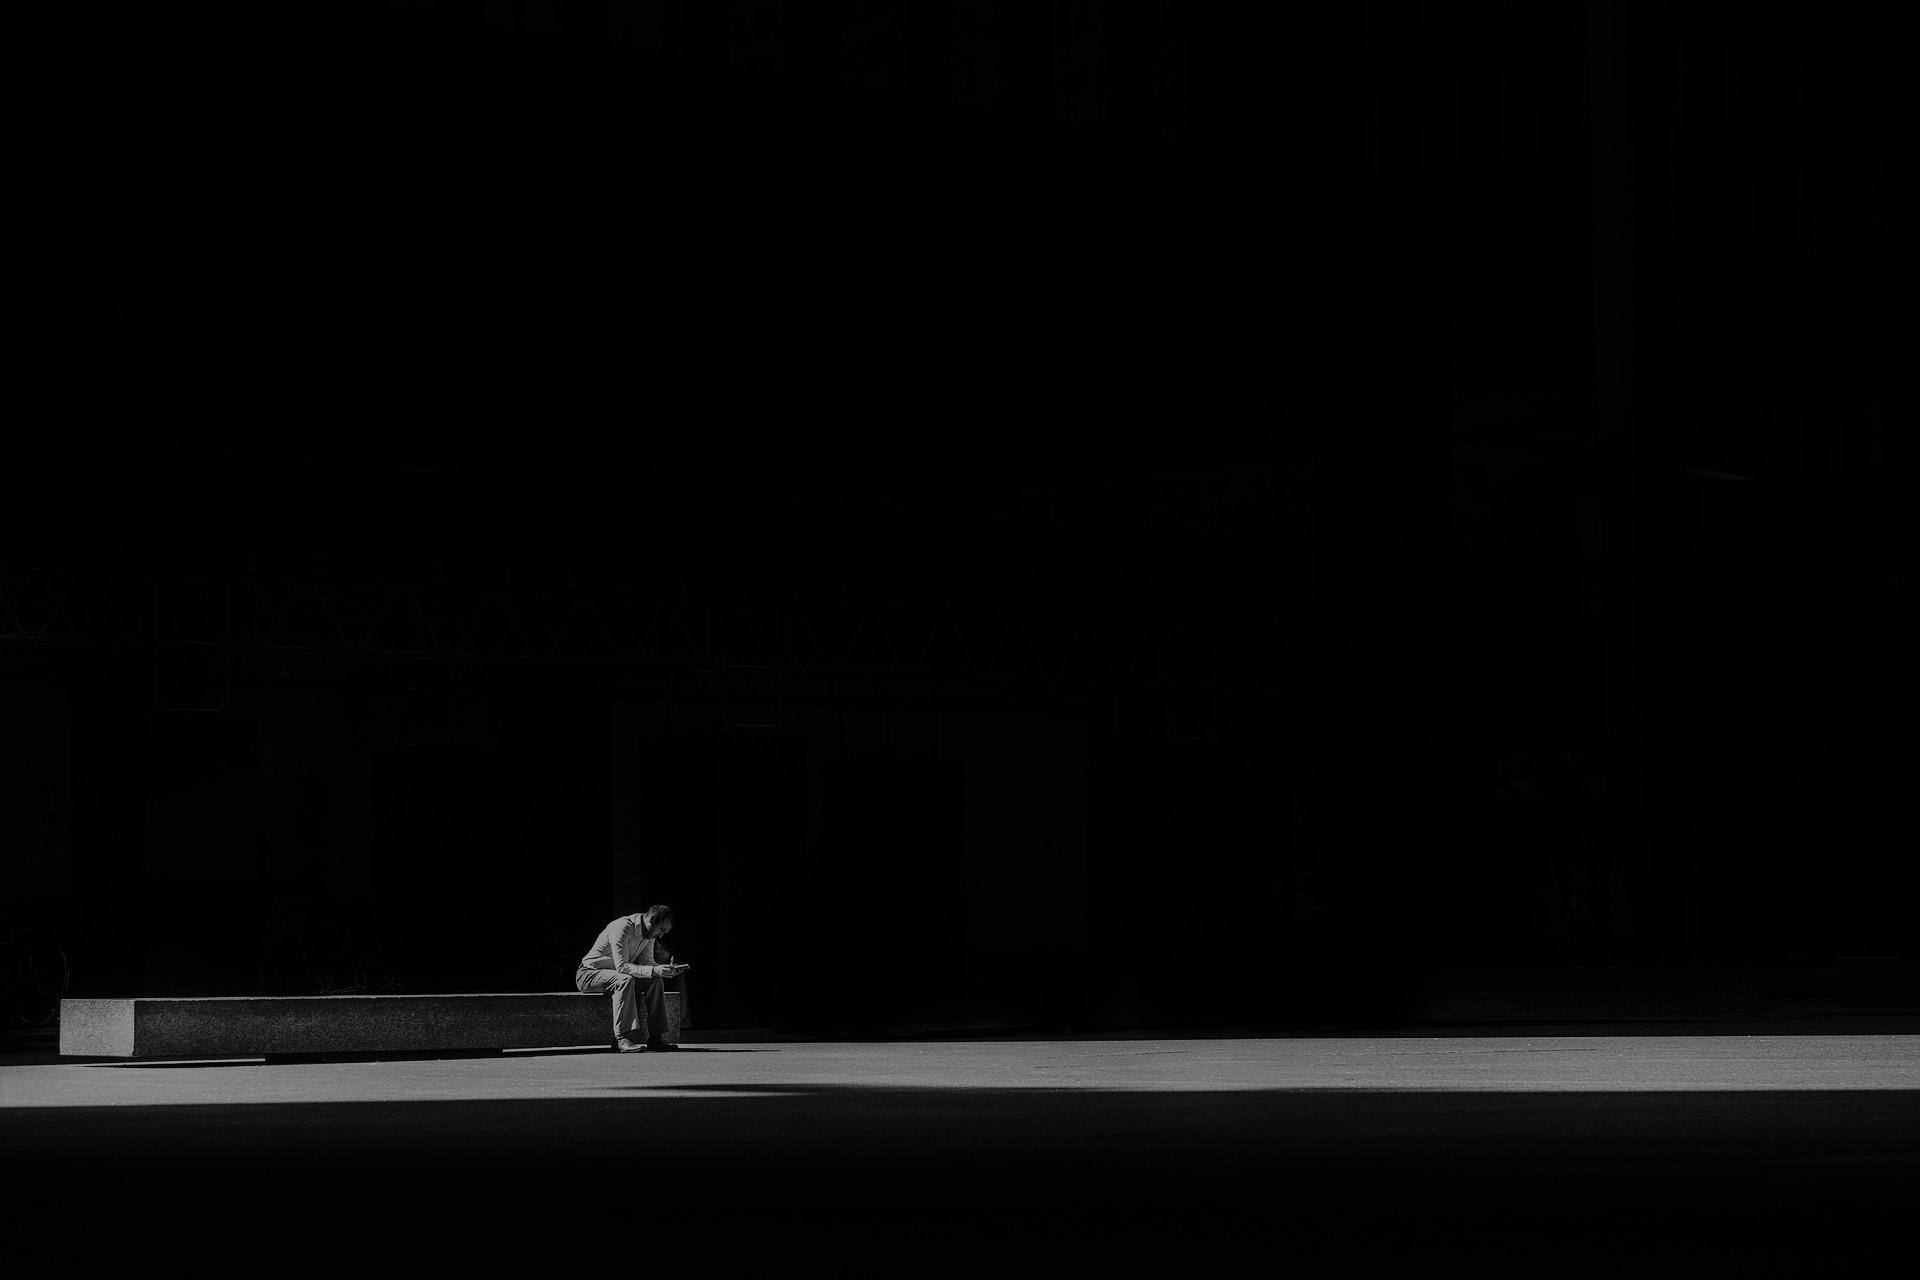 Samotny człowiek w ciemnościach siedzi na ławce